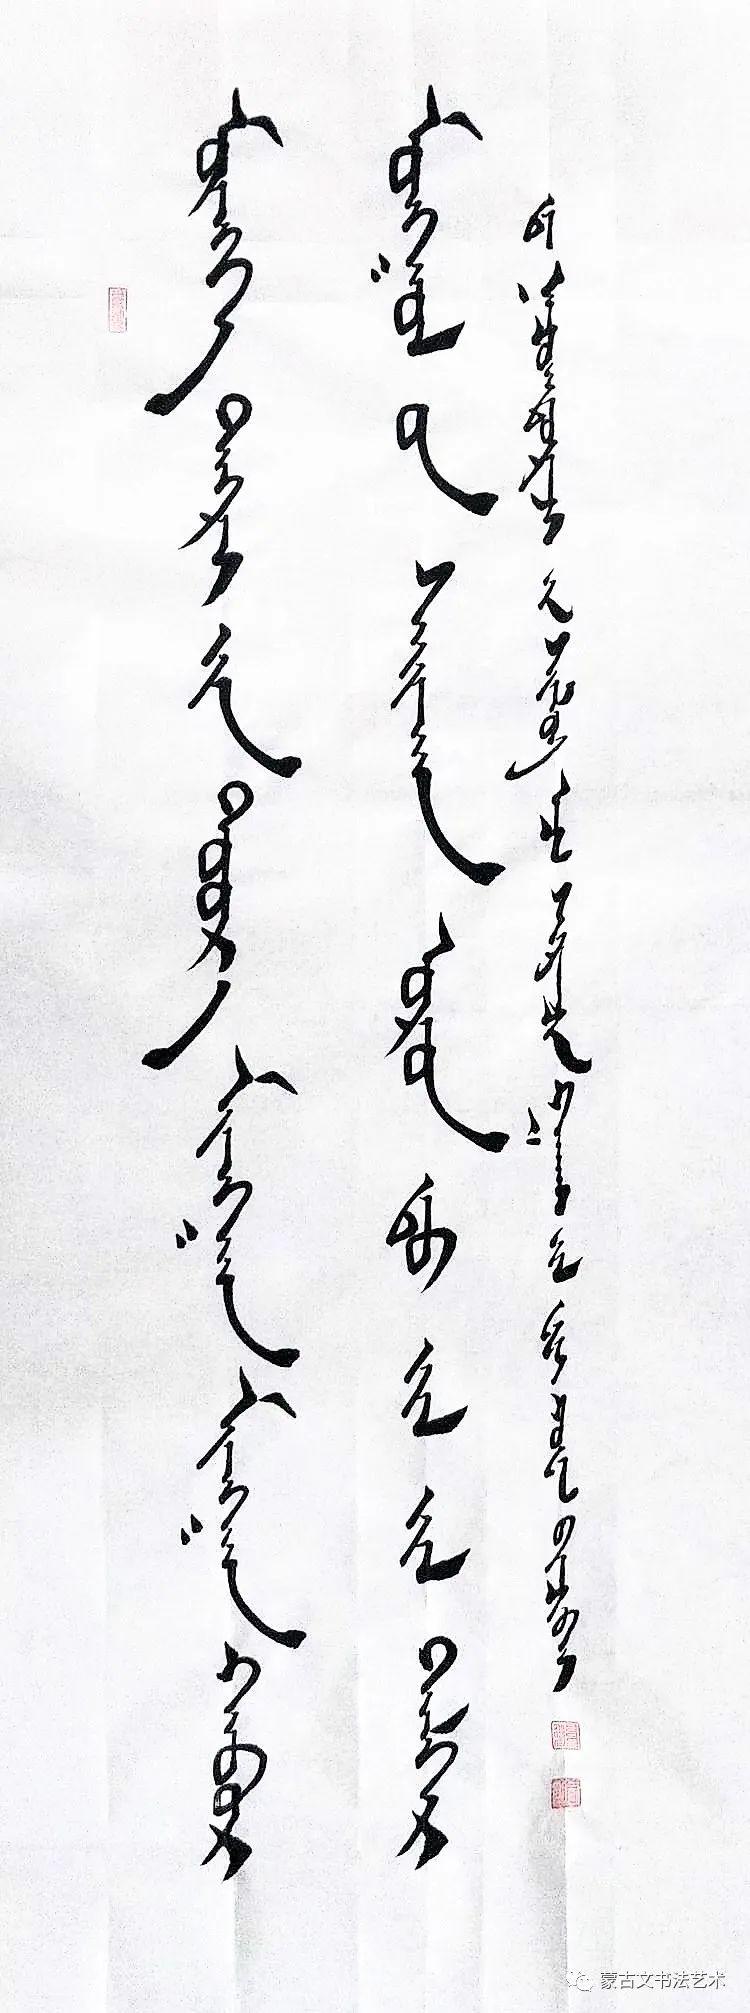 伟花蒙古文书法 第4张 伟花蒙古文书法 蒙古书法